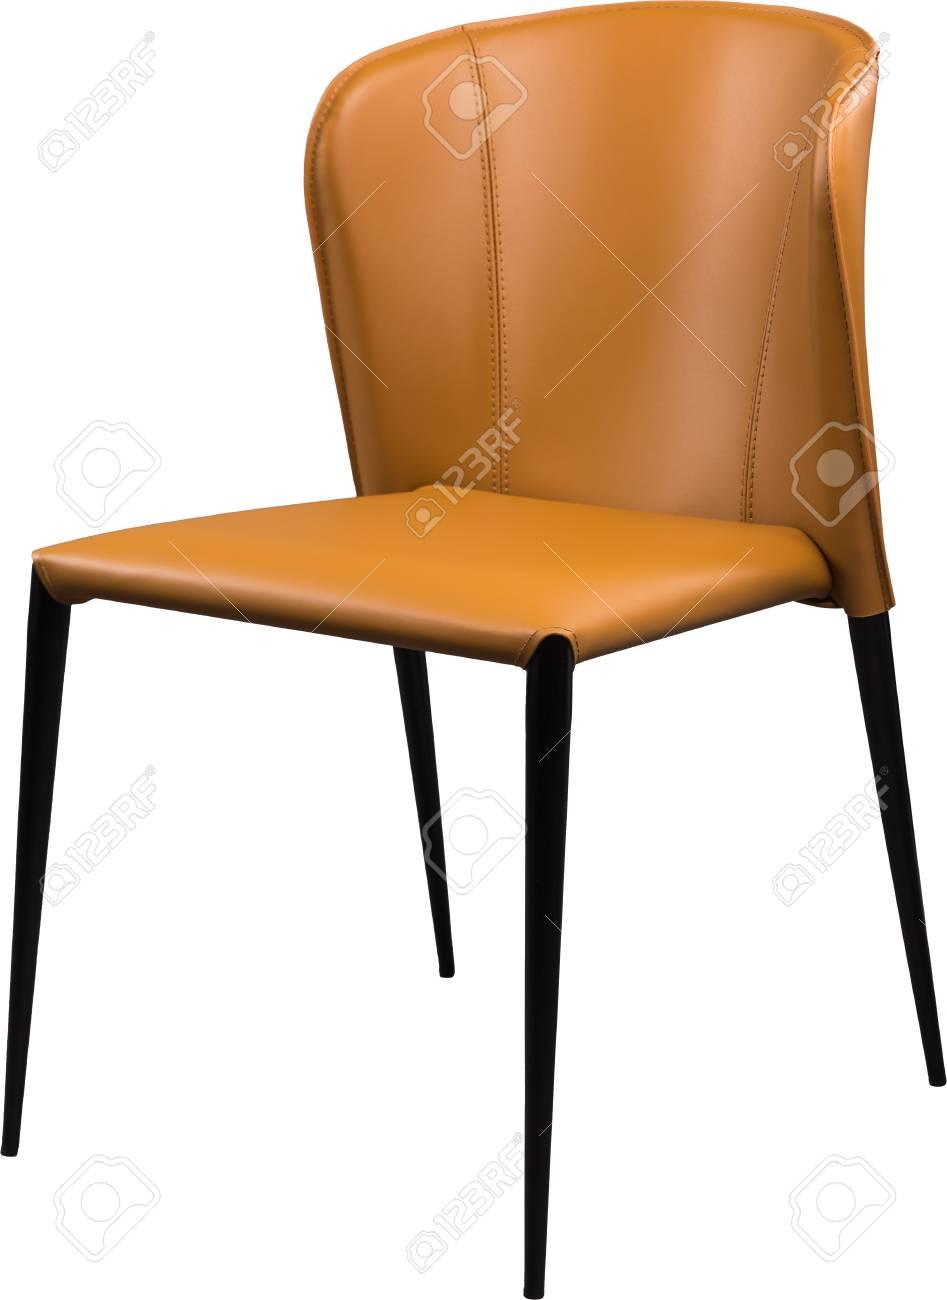 Chaise En Cuir De Bureau Couleur Ginger Design Moderne Pour